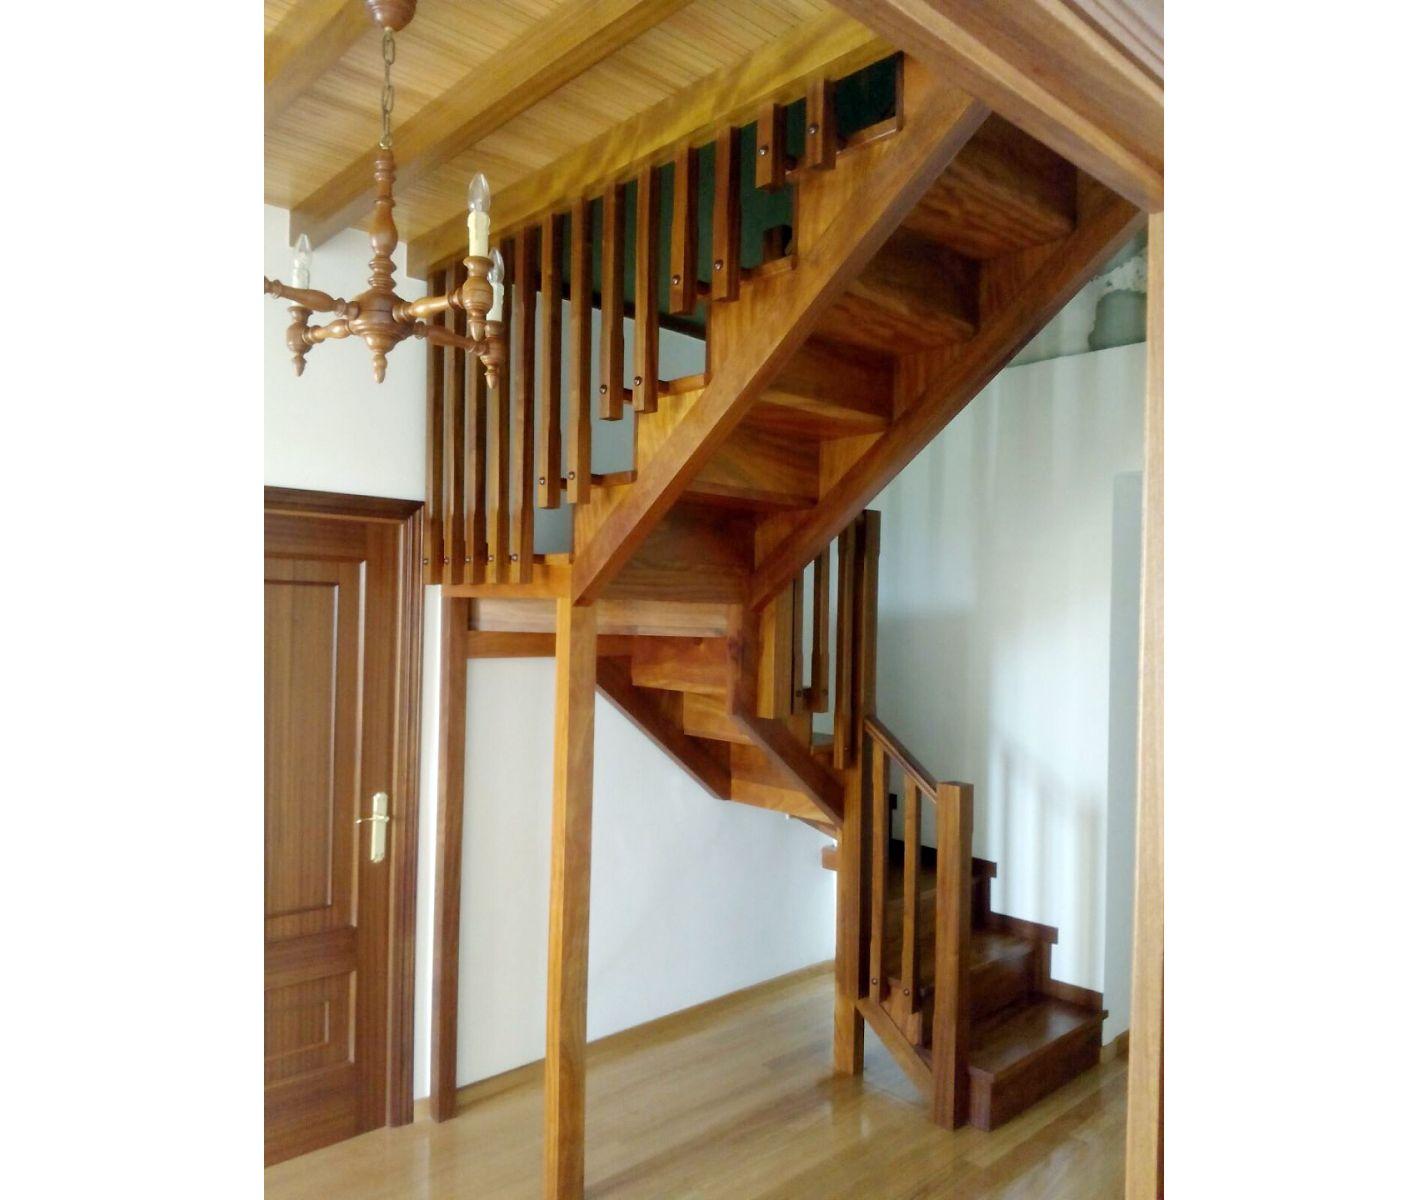 Escaleras y estructuras de madera en A Coruña